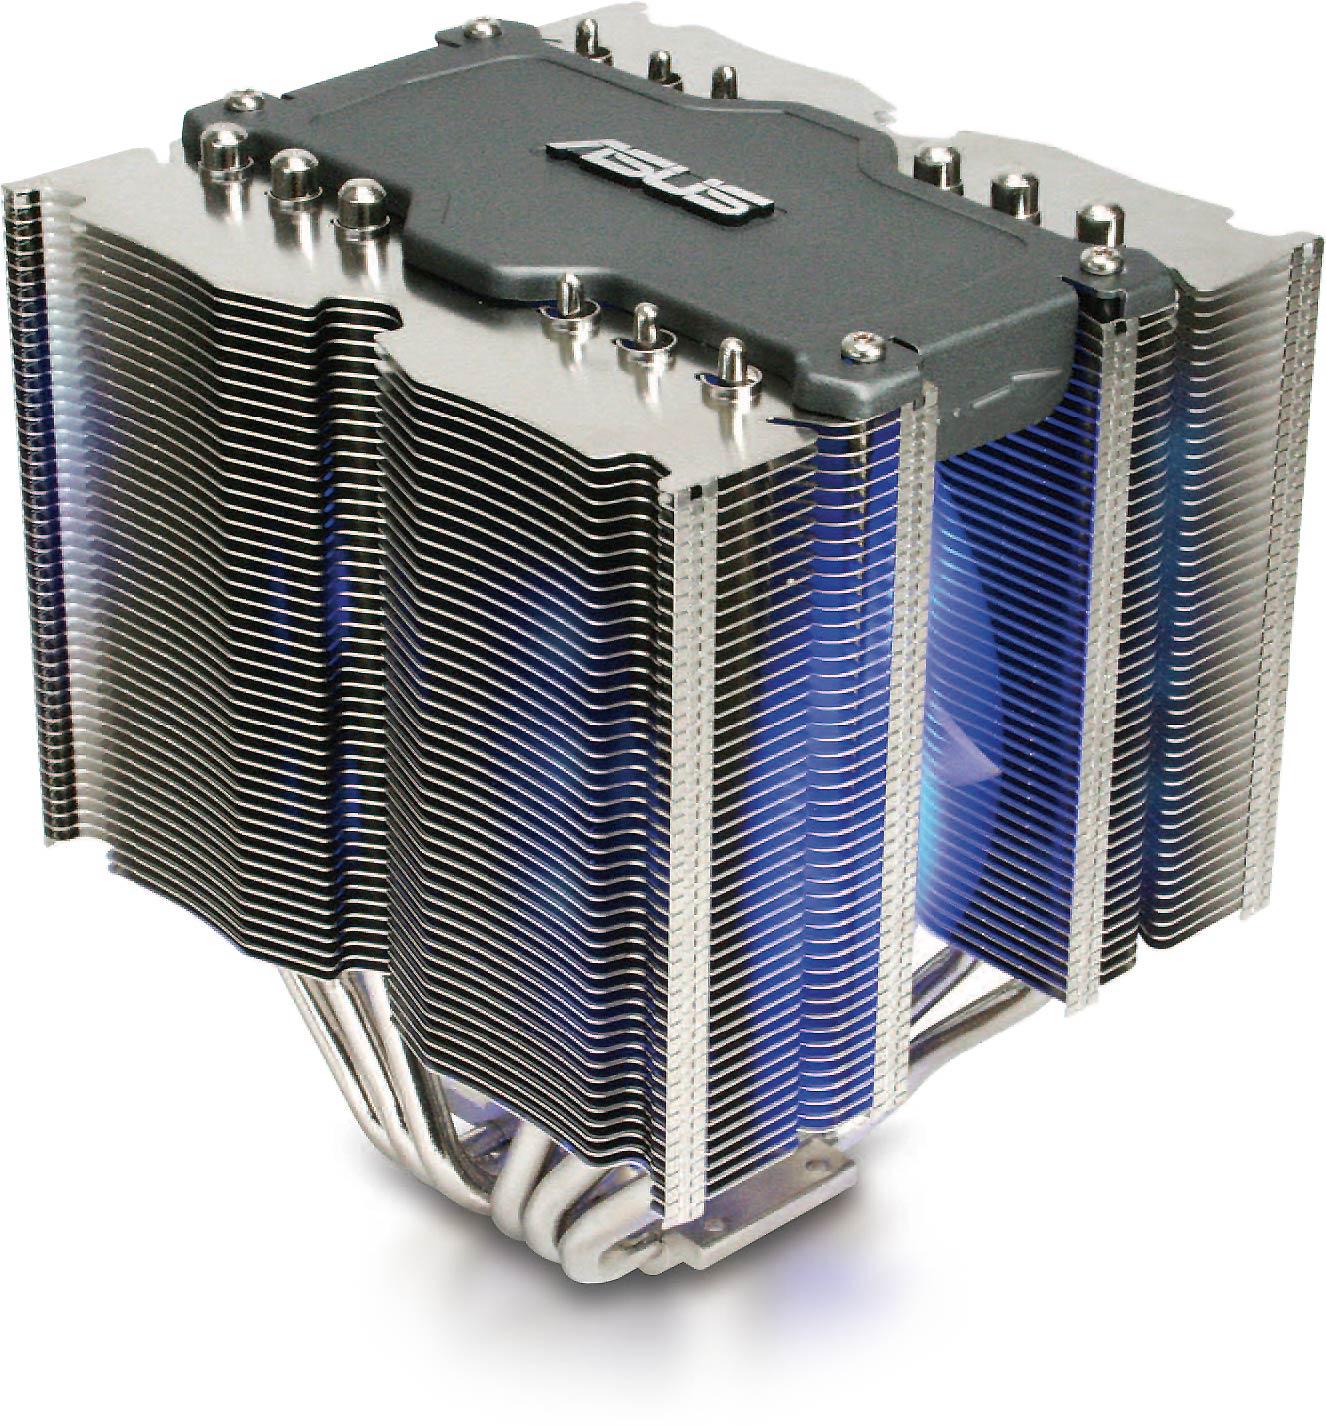 Cpu Air Cooler : Triton quiet cpu cooler lga